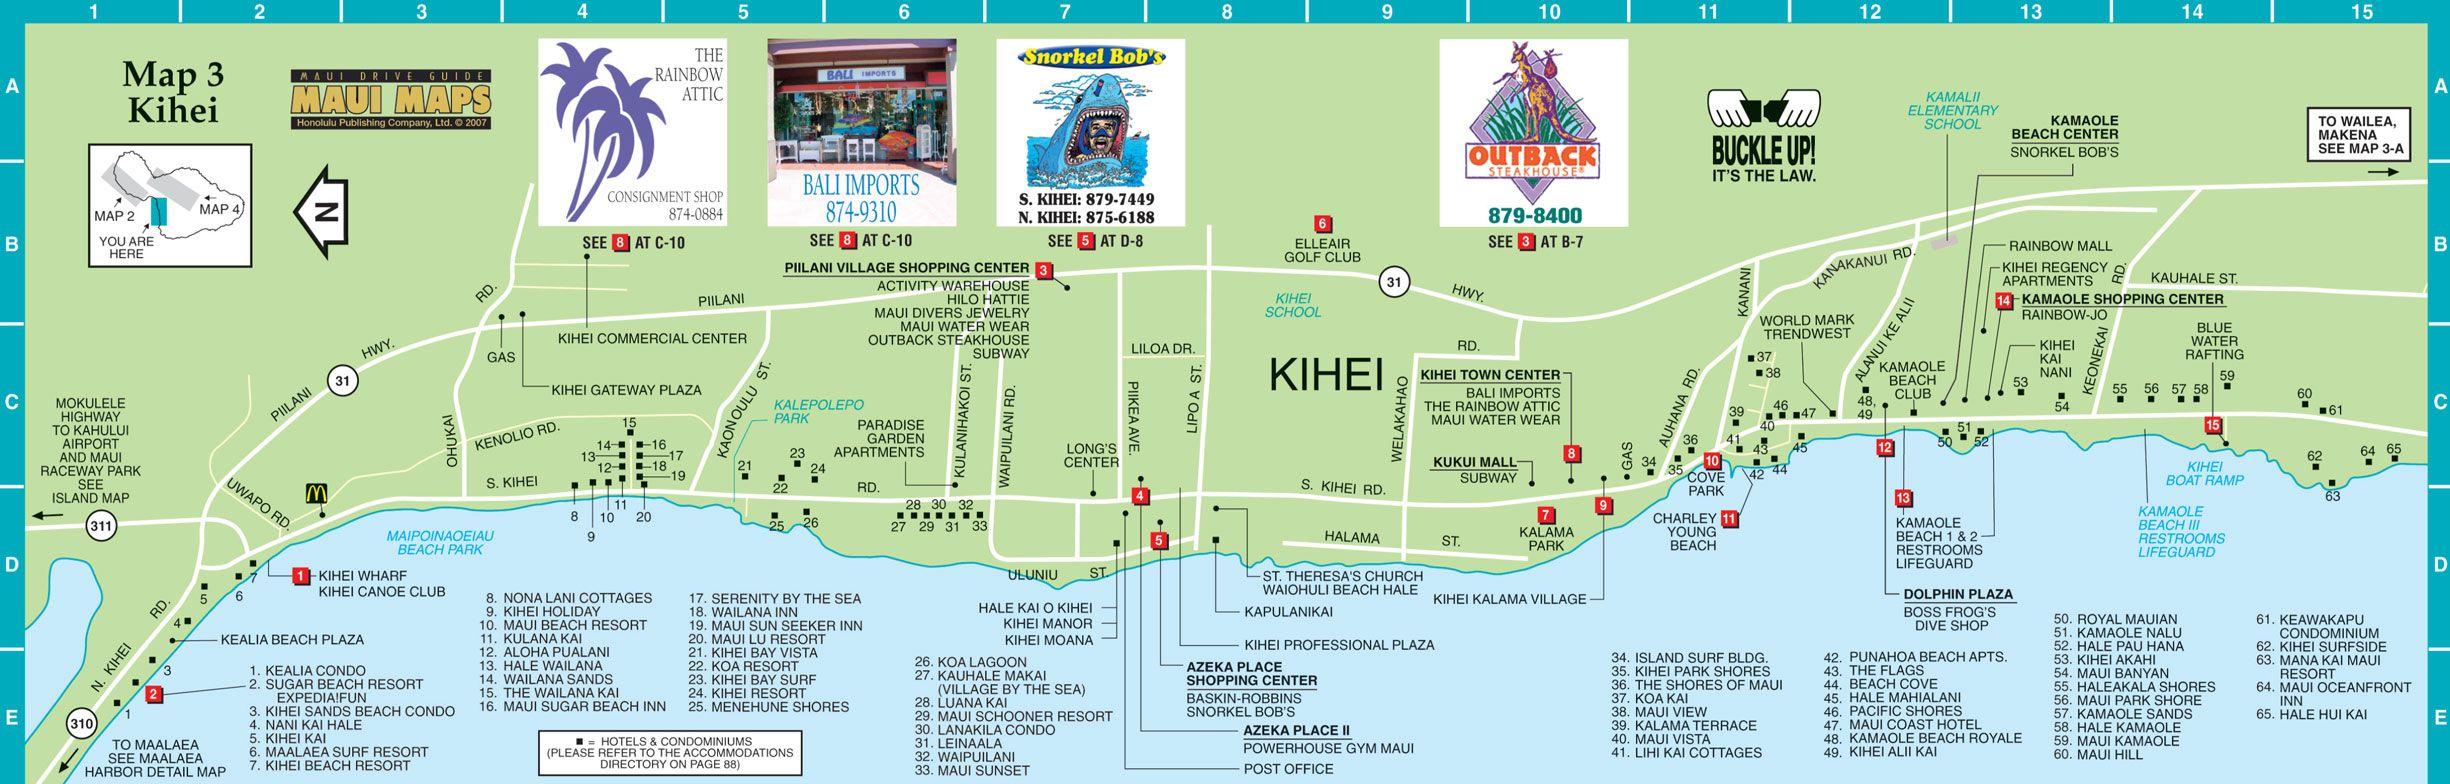 Kihei Map Kihei Maui Hi Us Mappery Maui Travel Maui